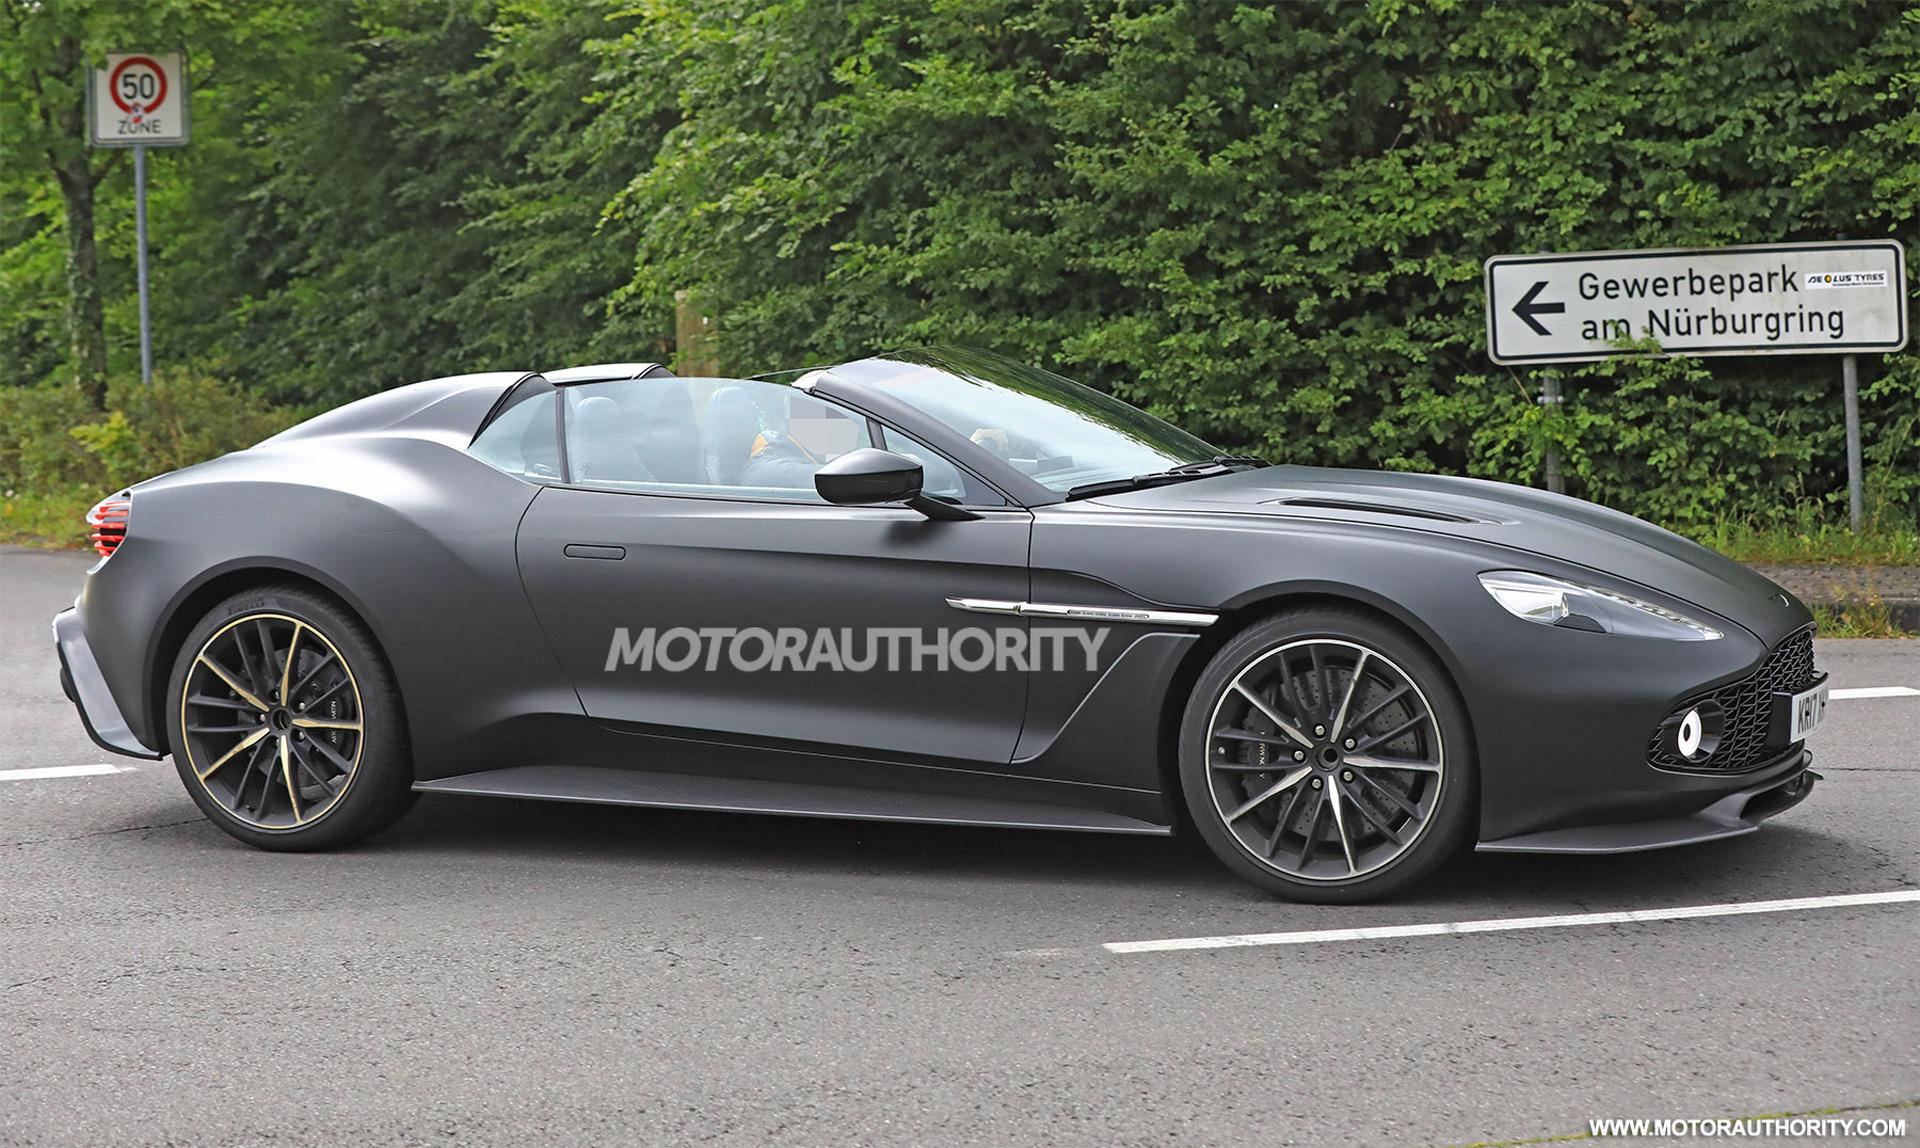 Aston Martin Vanquish Zagato Speedster Spy Shots - New aston martin zagato